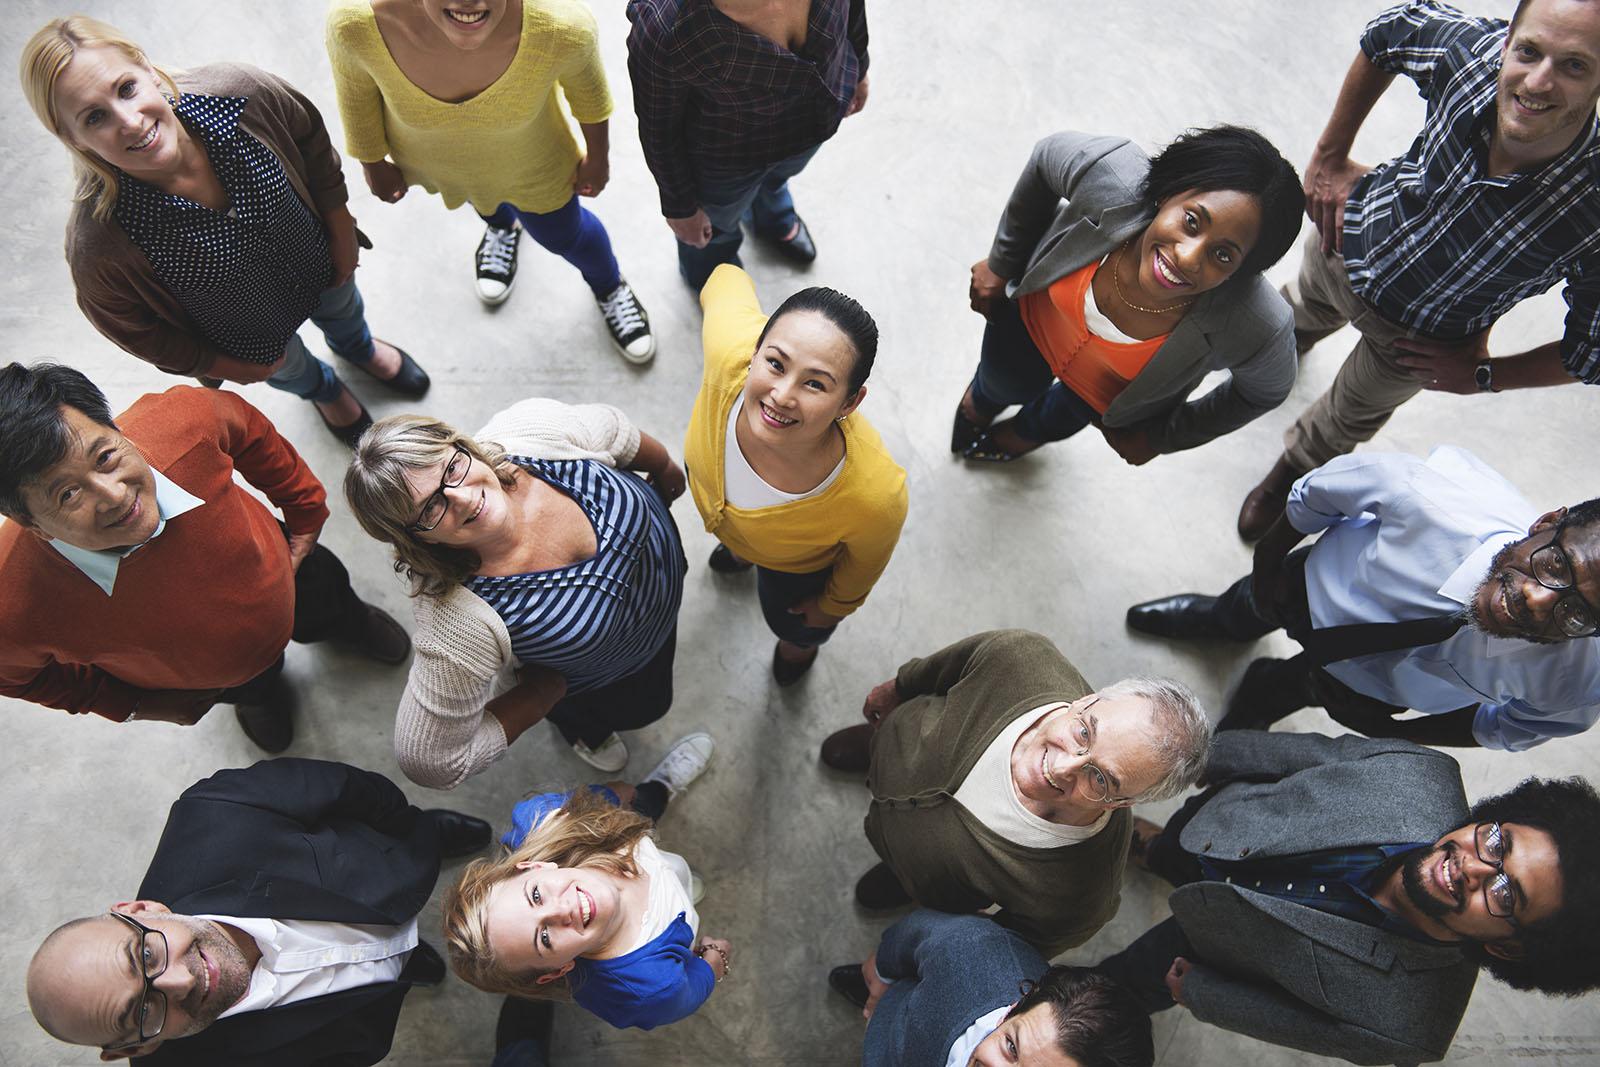 Groupe de personnes regardant vers le haut